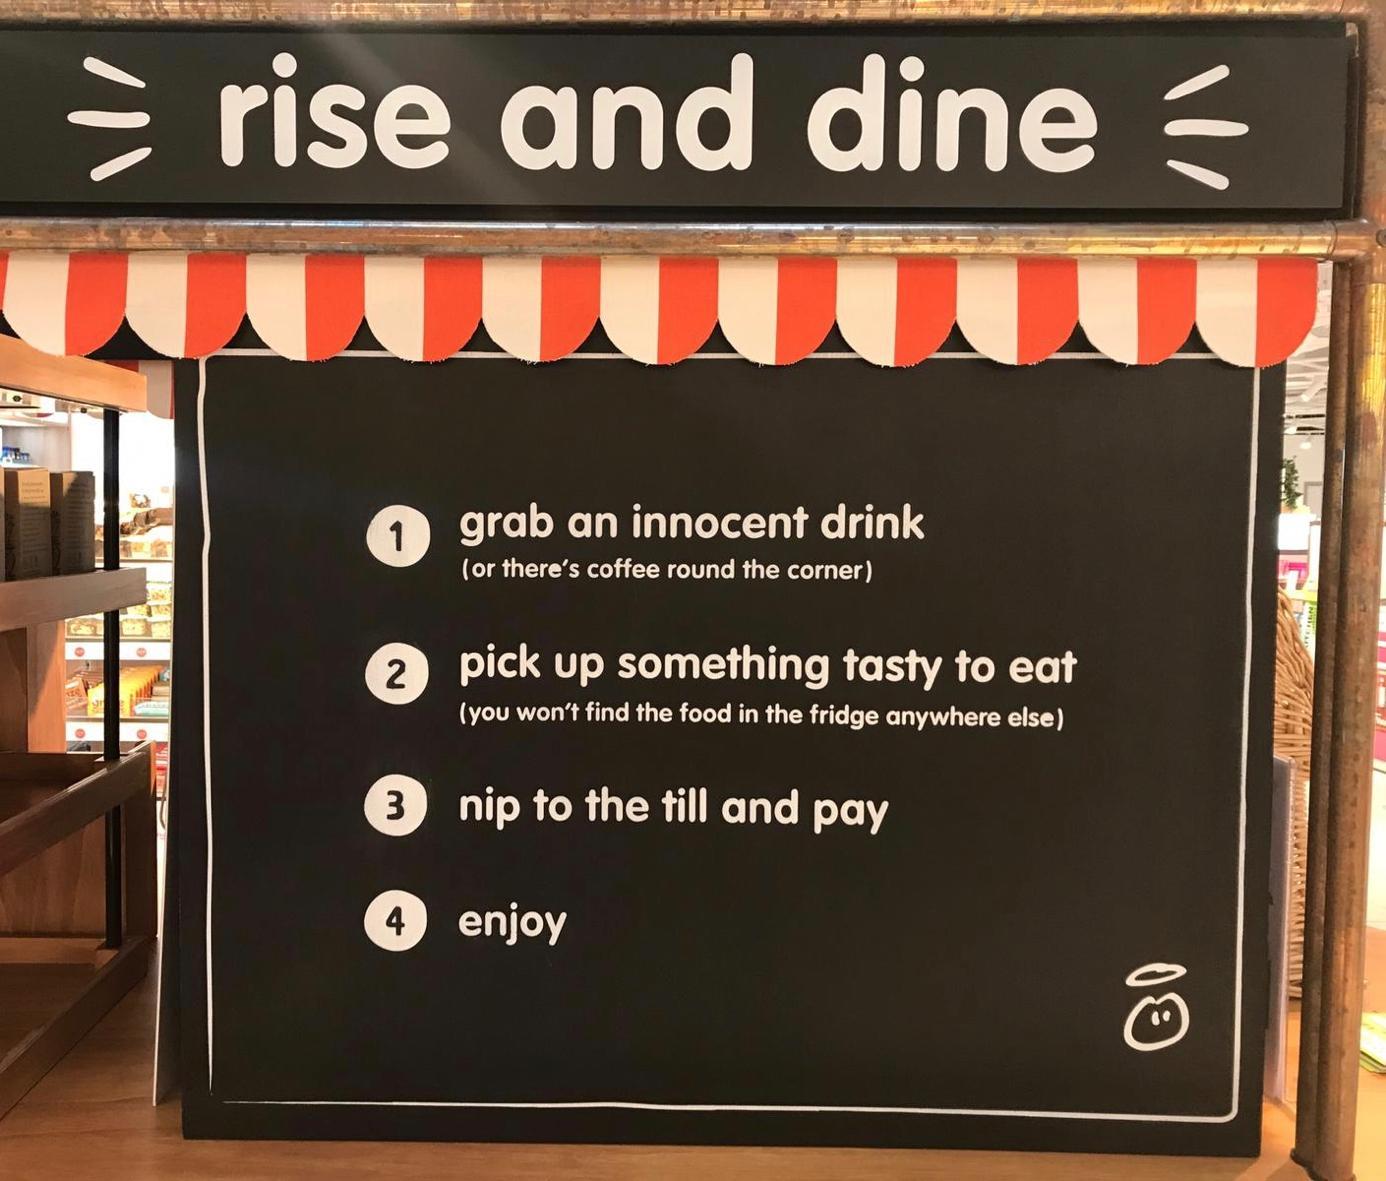 4 3 - innocent teste le concept « rise & dine » à Londres